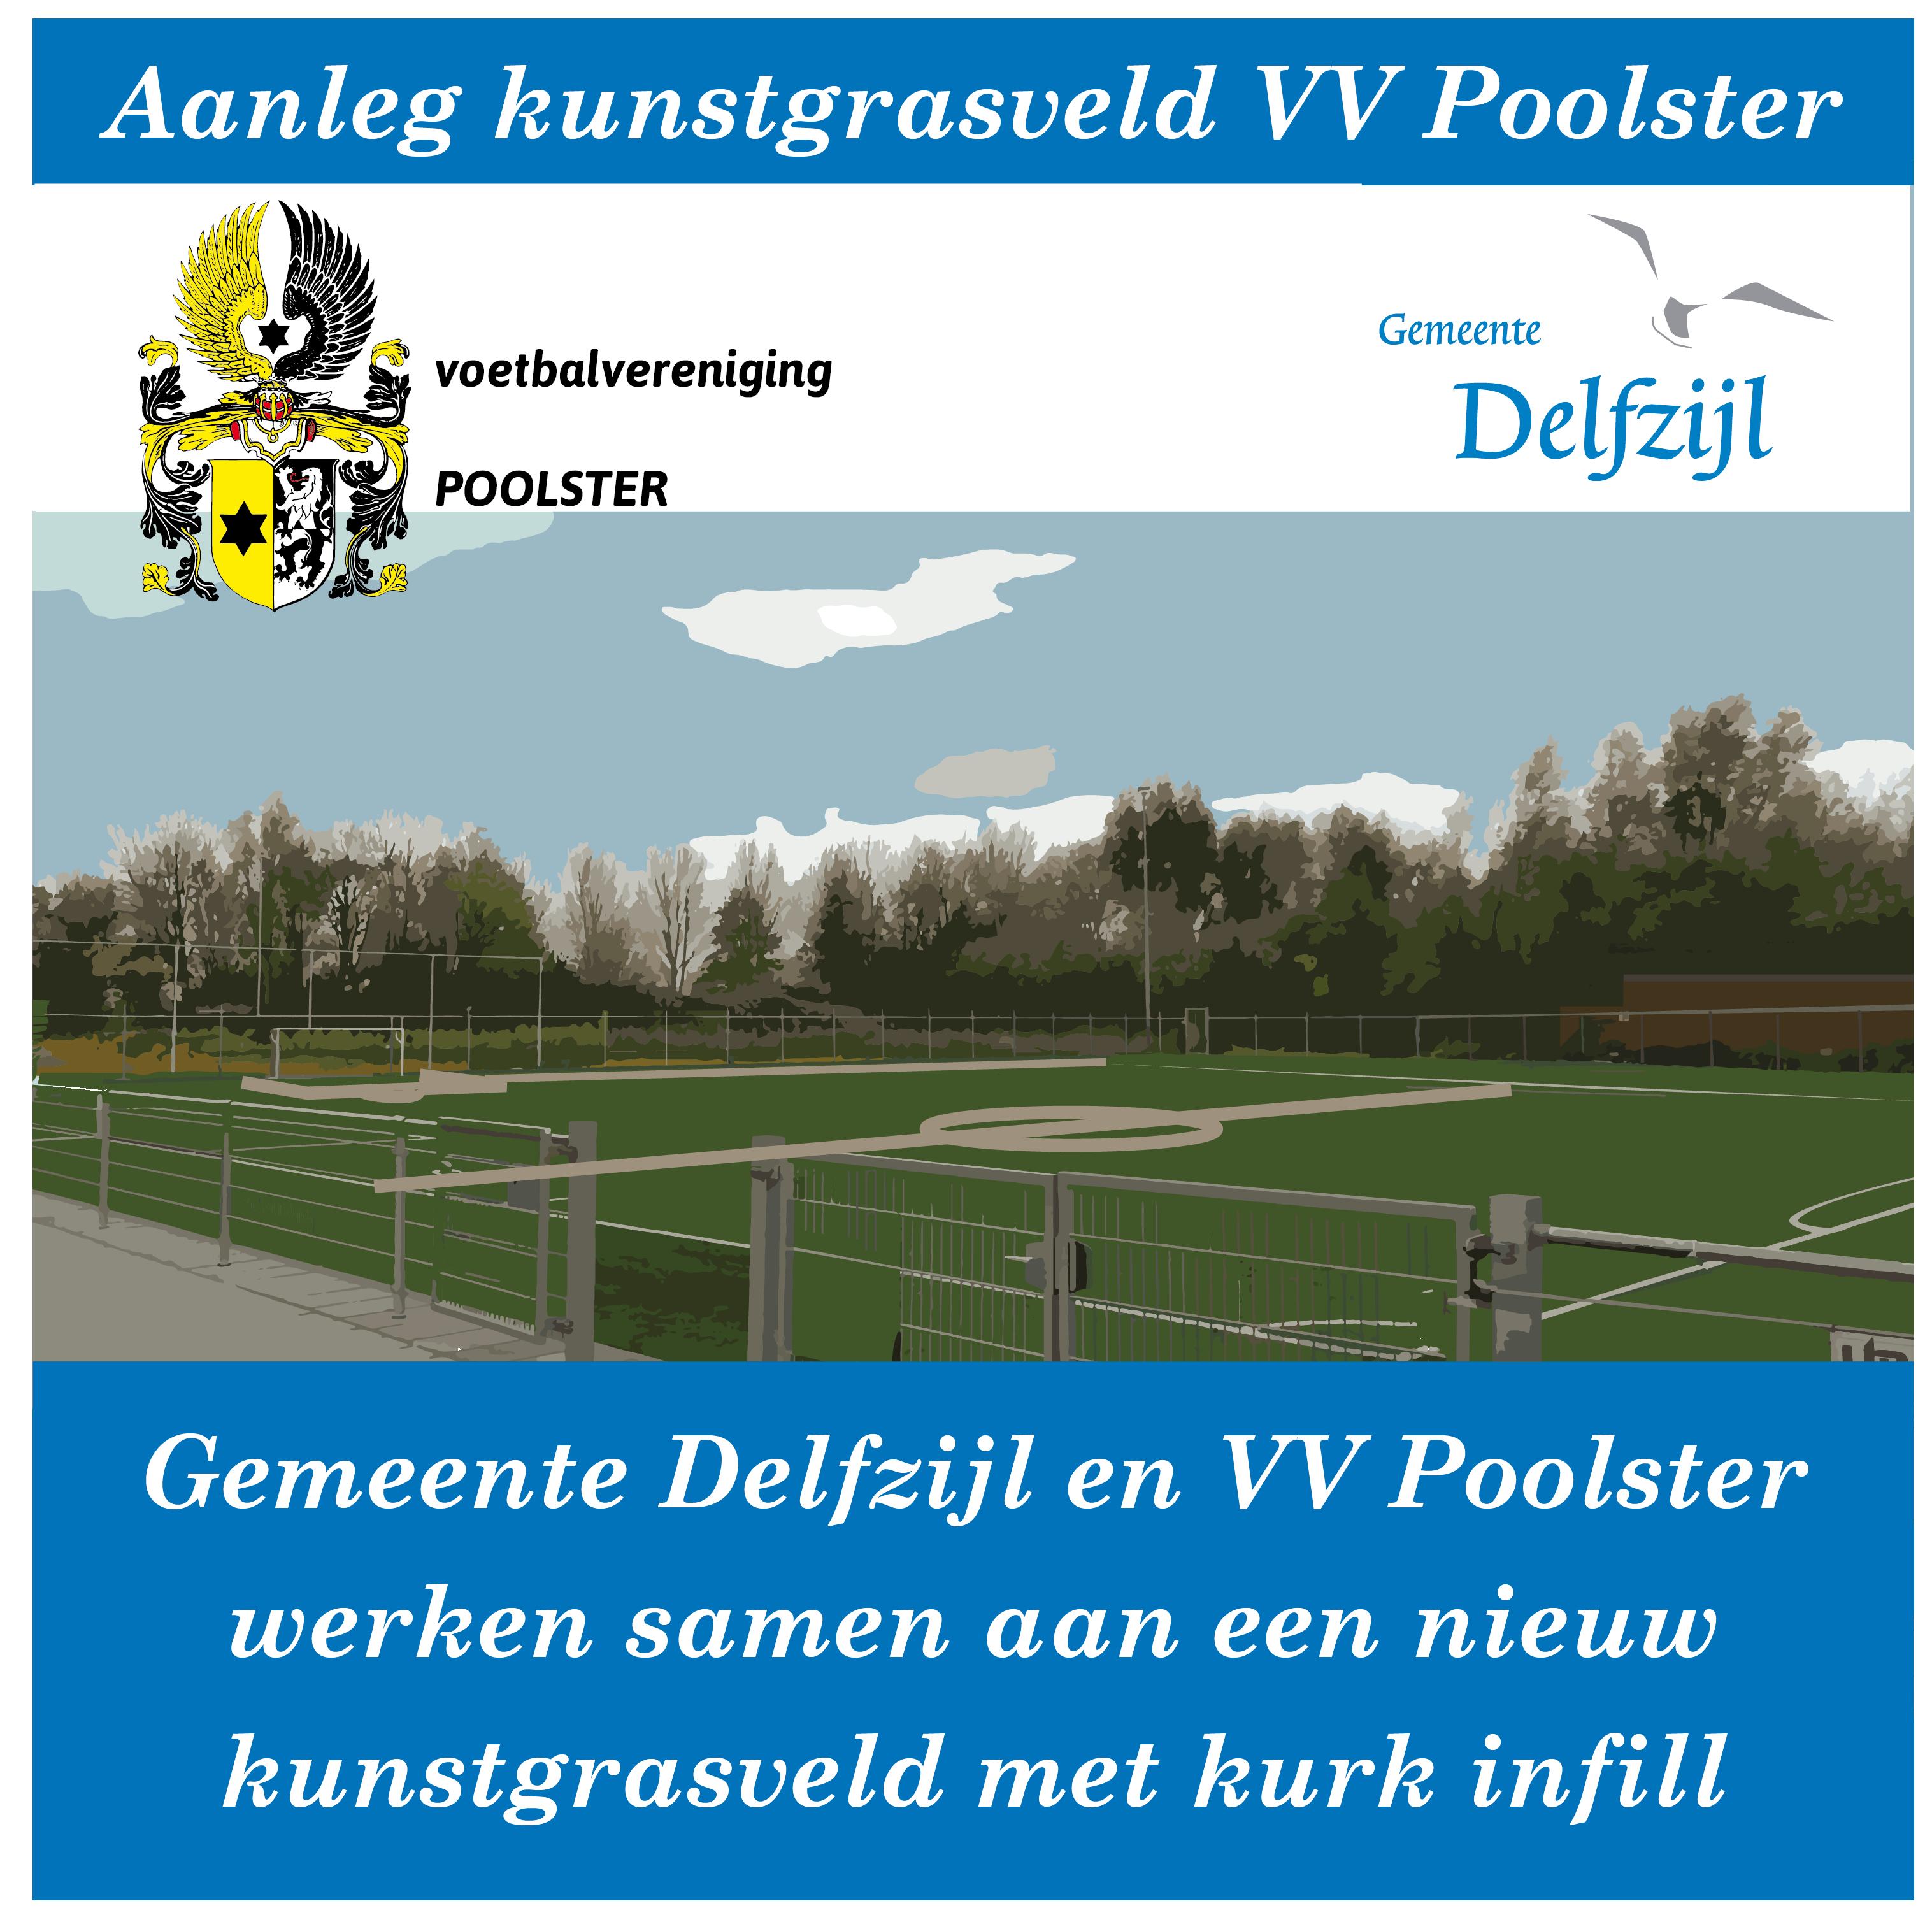 V.V. Poolster